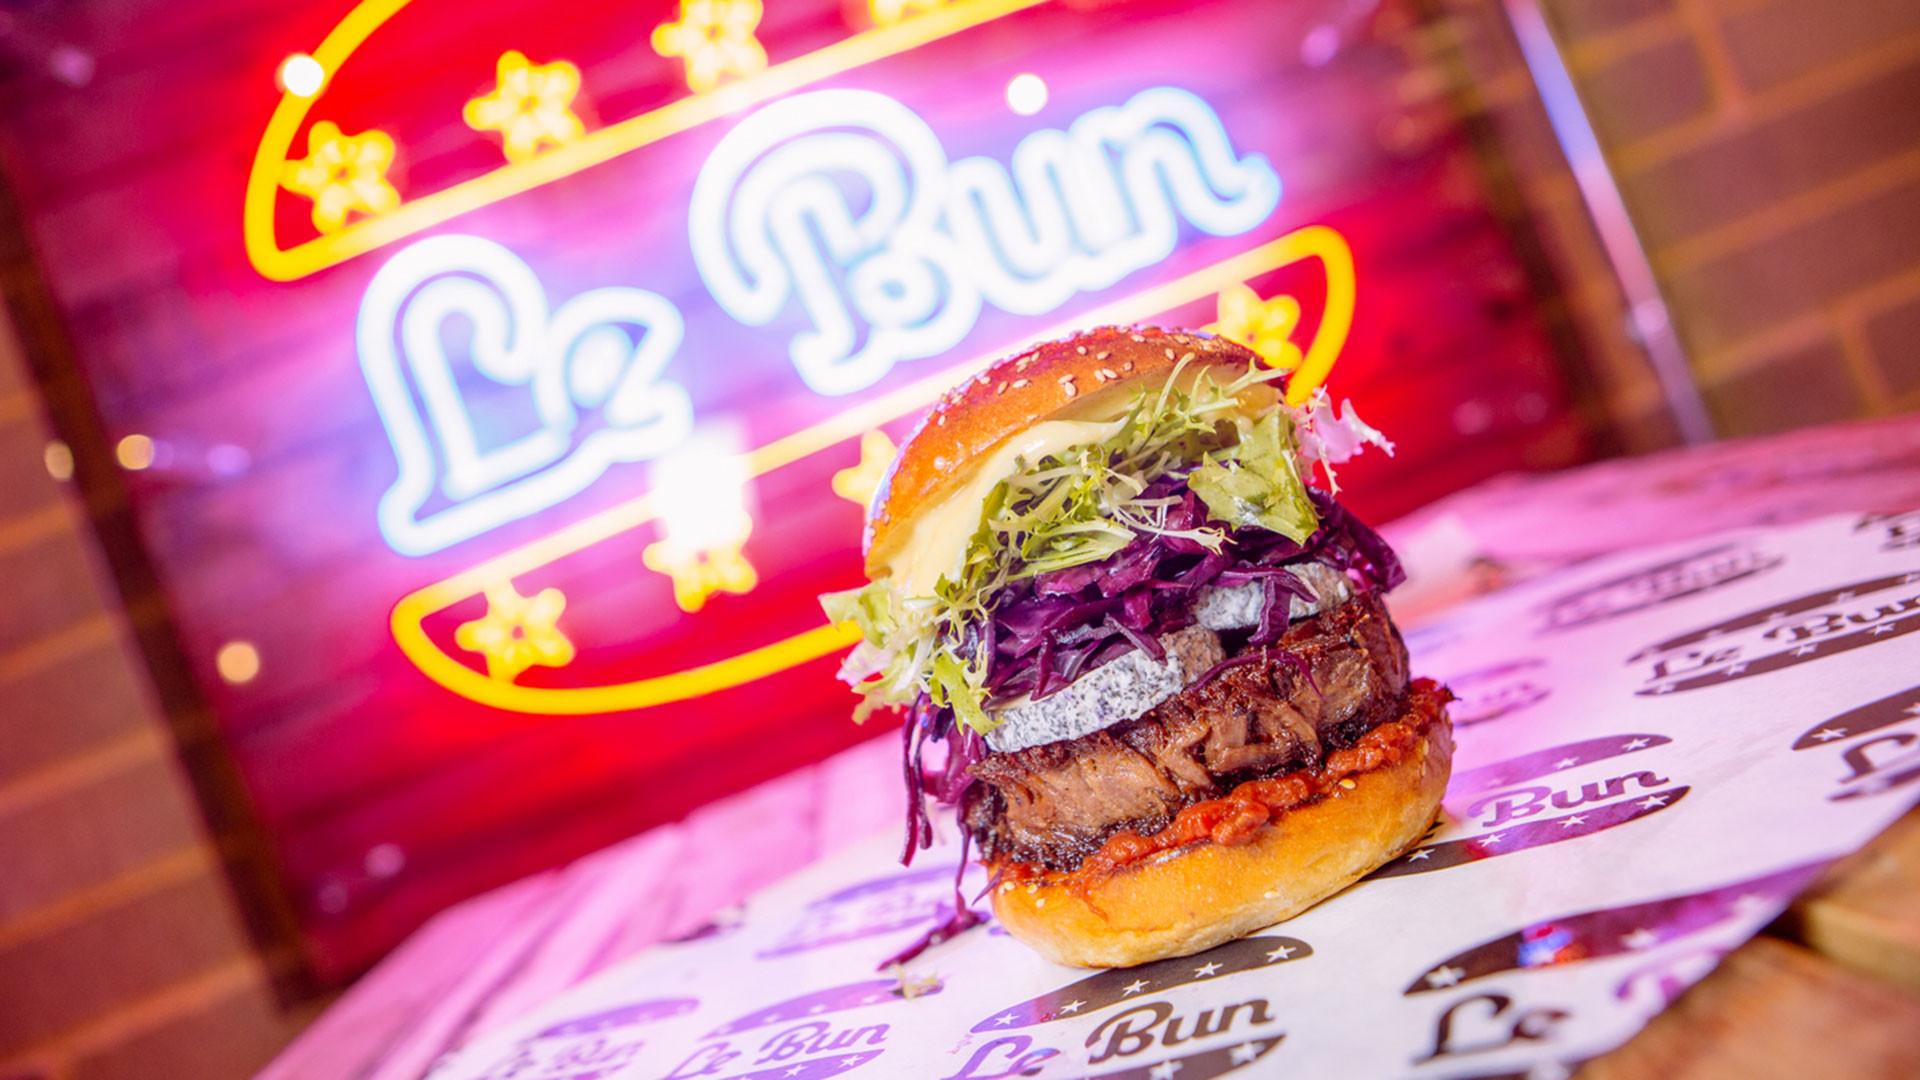 Burgers from Le Bun